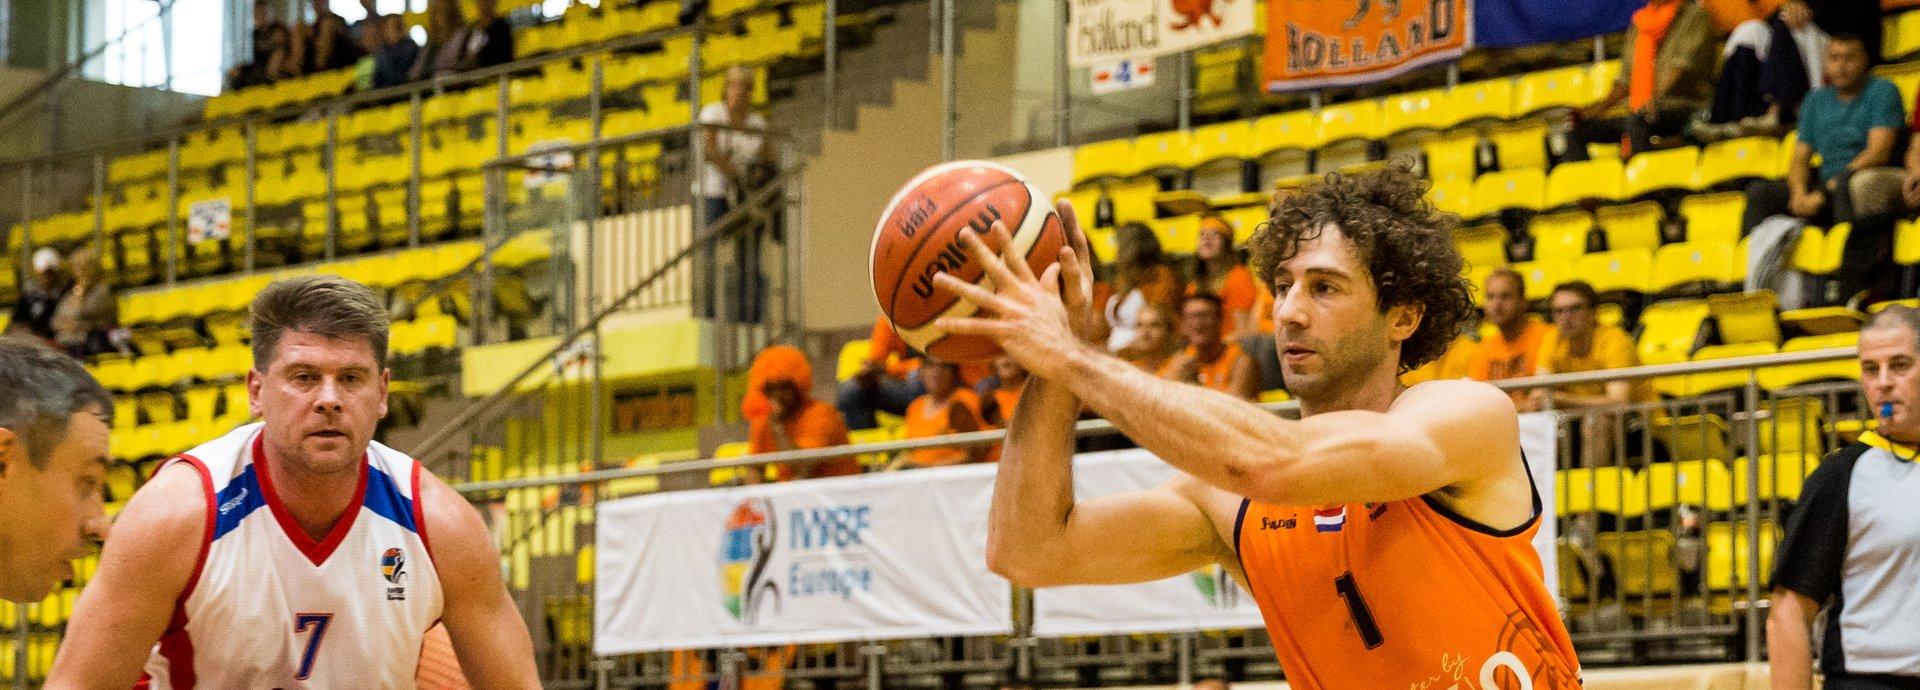 2019_Rolstoel_Orange Lions_mannen_EK_Poggenwisch